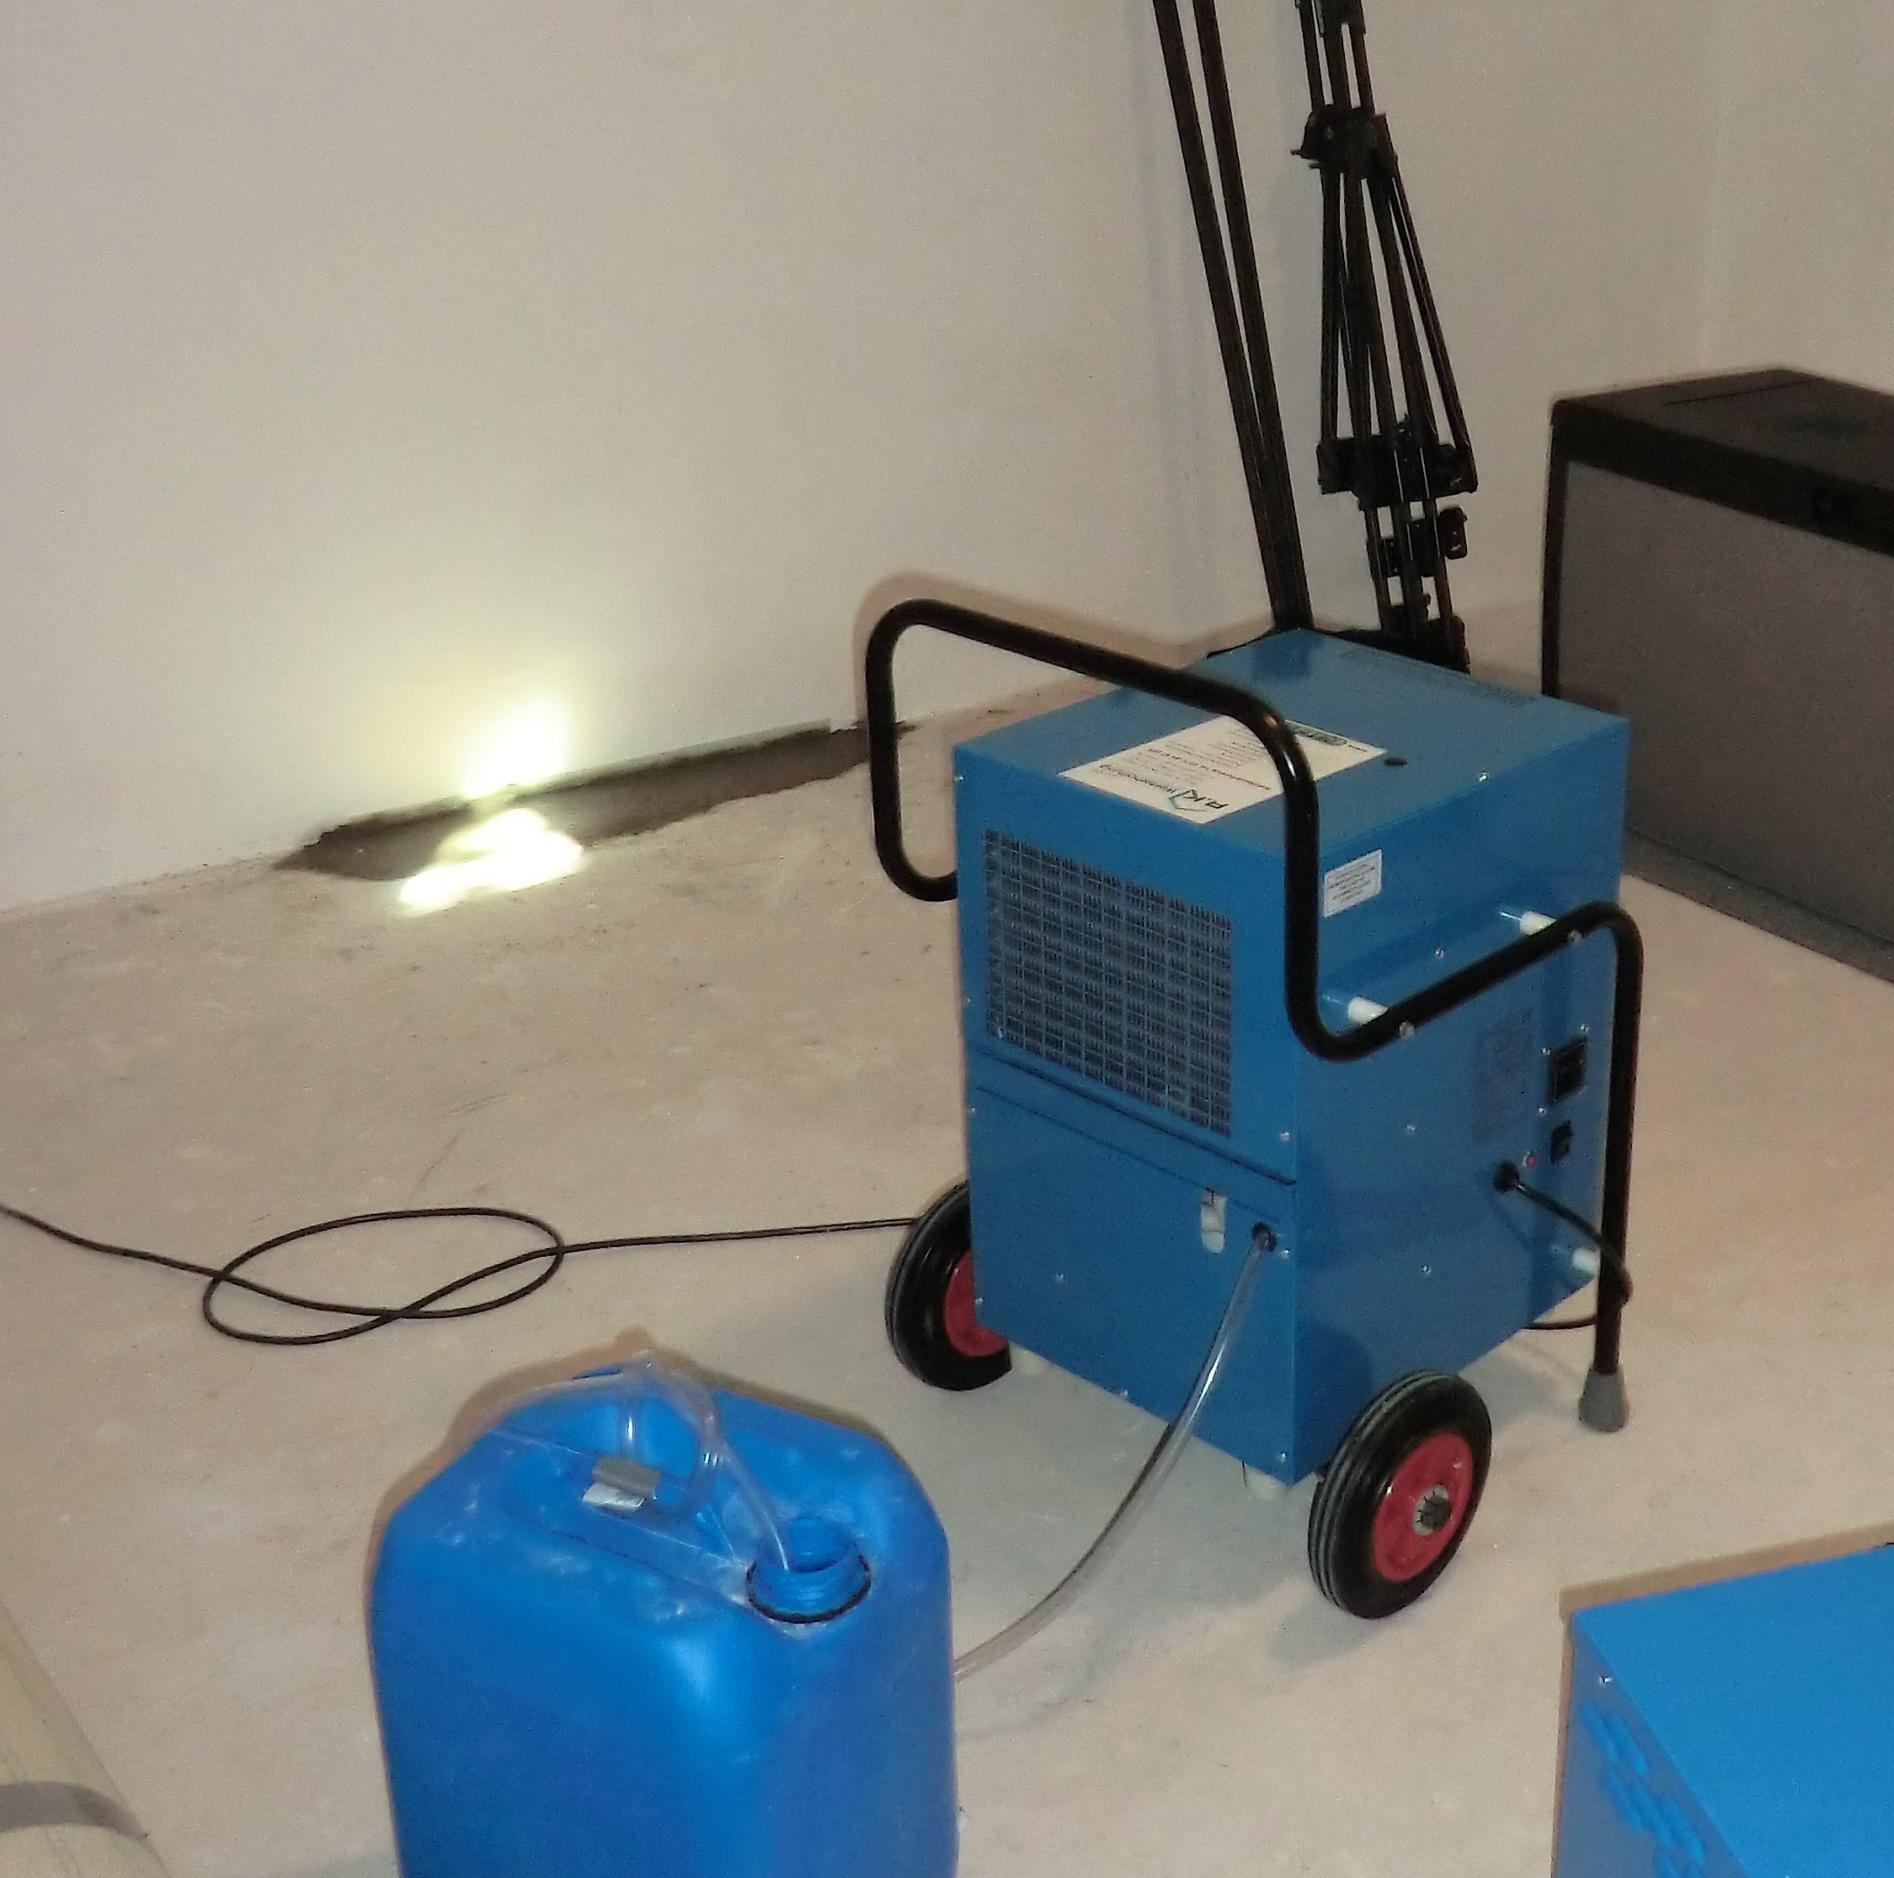 feuchte w nde was gegen feuchte w nde hilft und wie sie vorbeugen r k werterhaltung. Black Bedroom Furniture Sets. Home Design Ideas